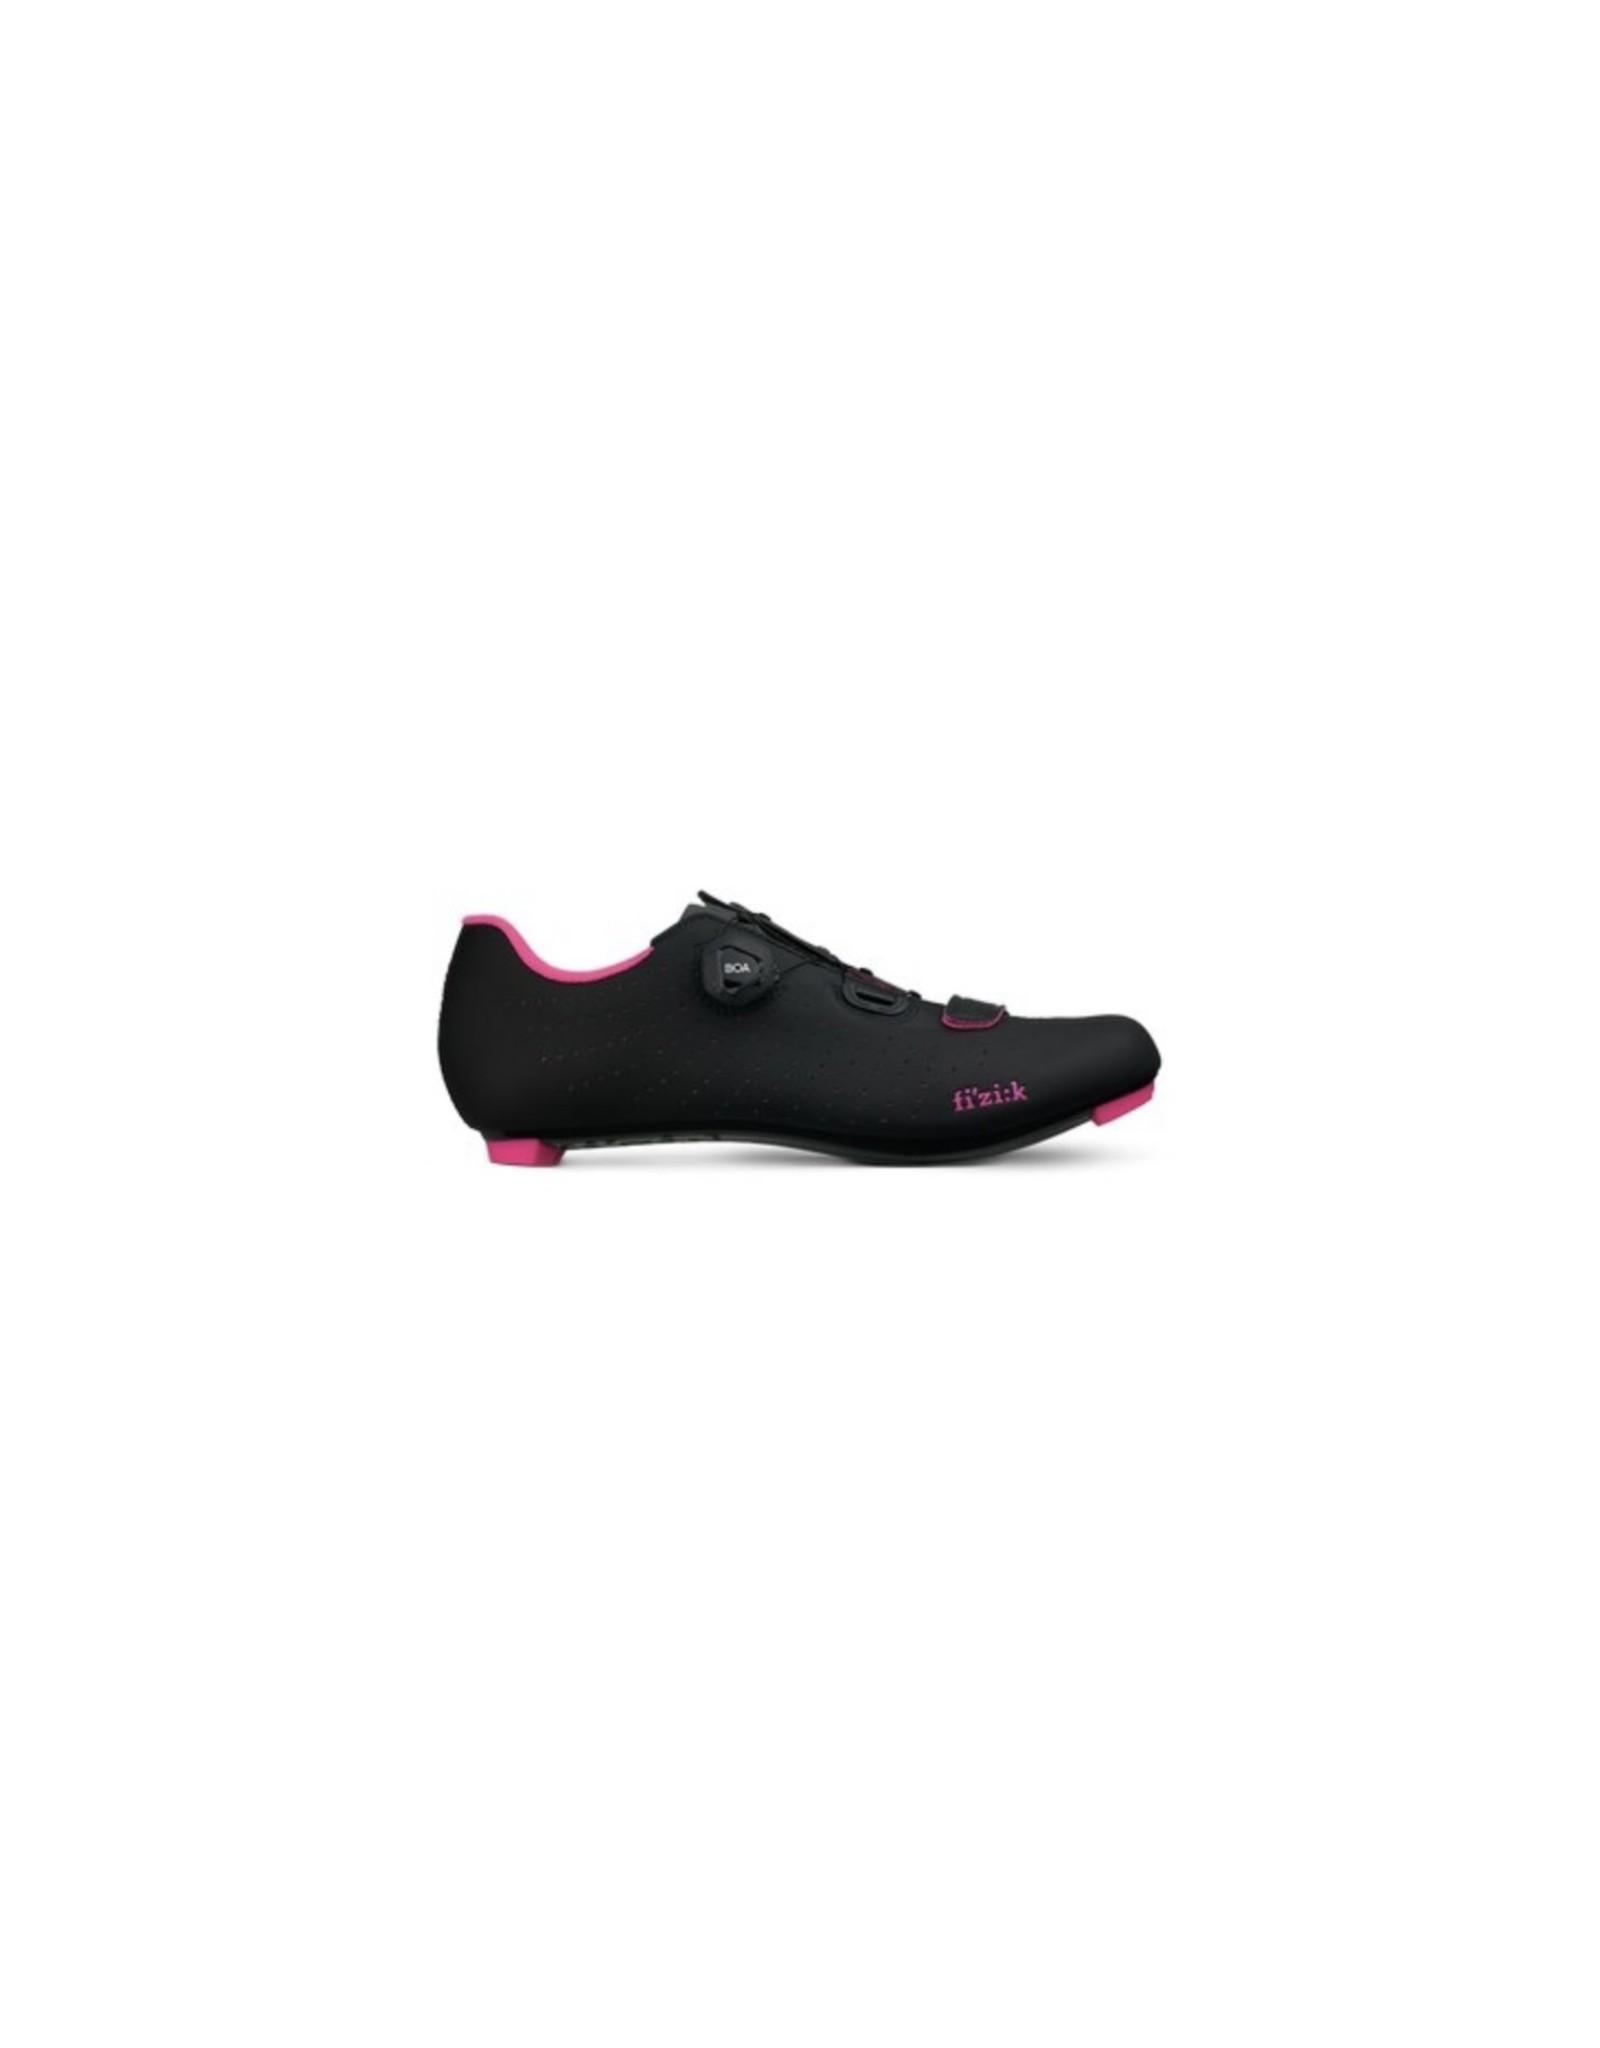 Fizik Chaussures vélo de route Fizik Tempo Overcurve R5 pour femmes